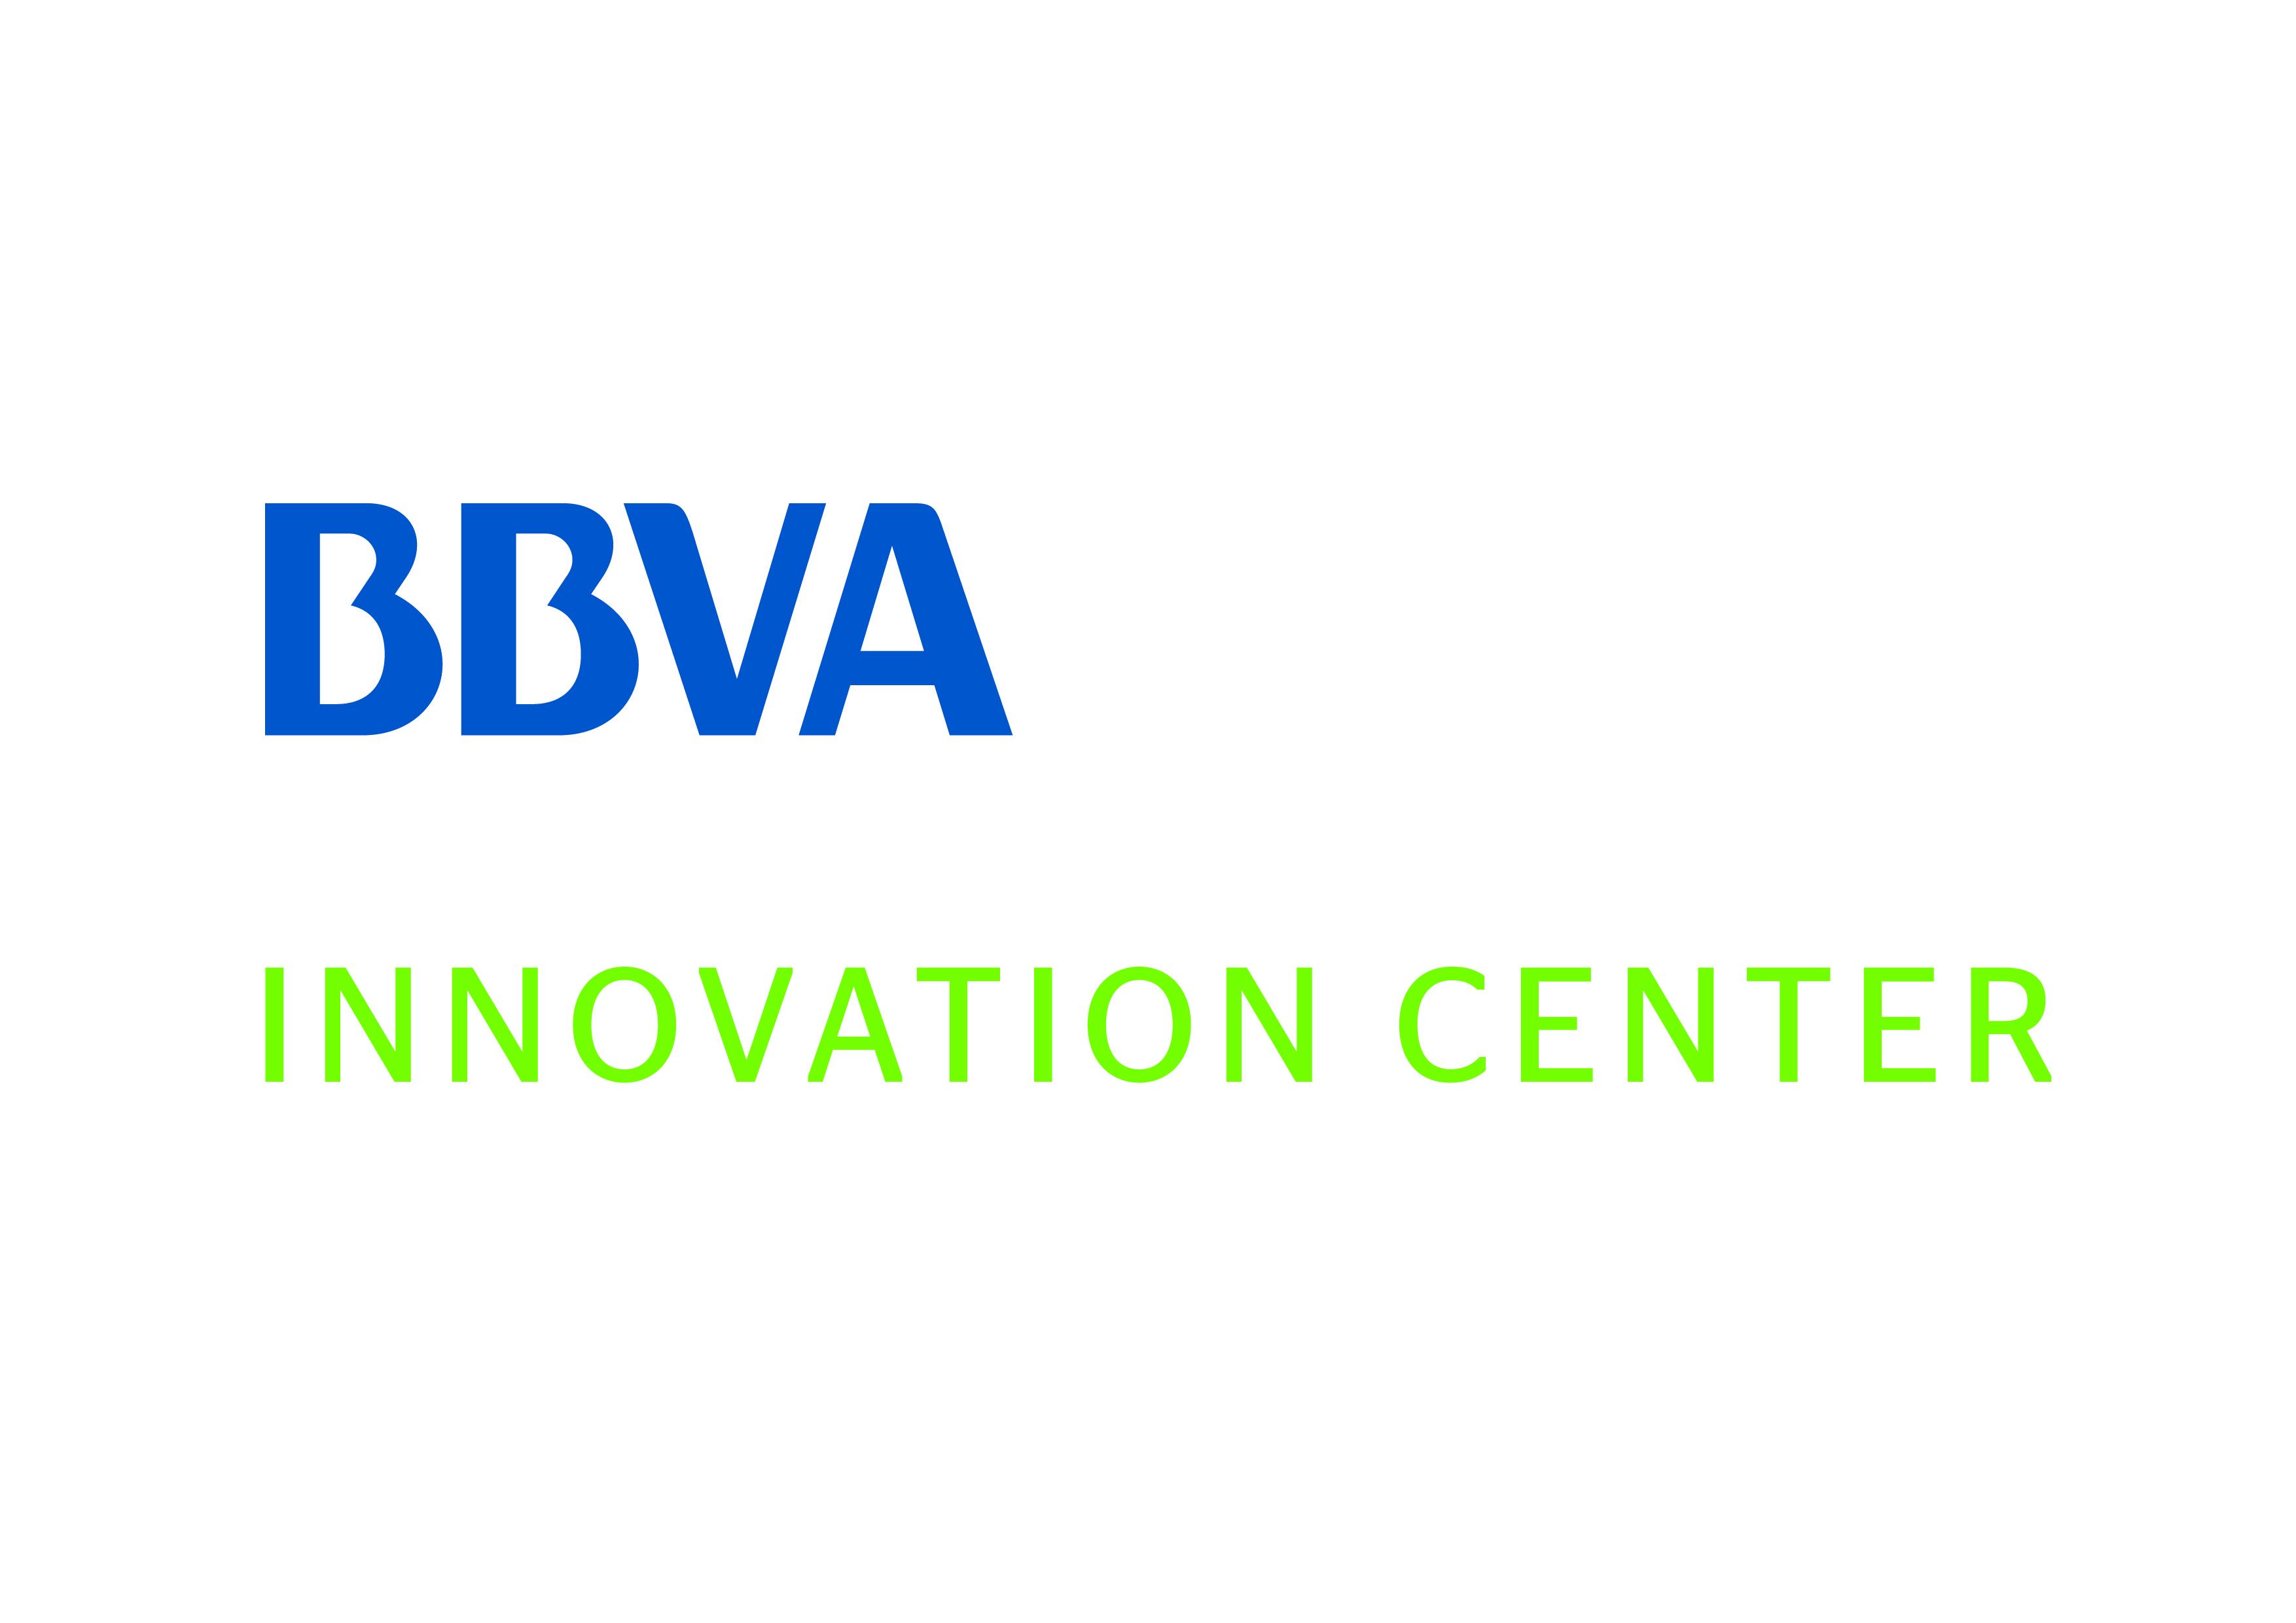 Innovation Center BBVA